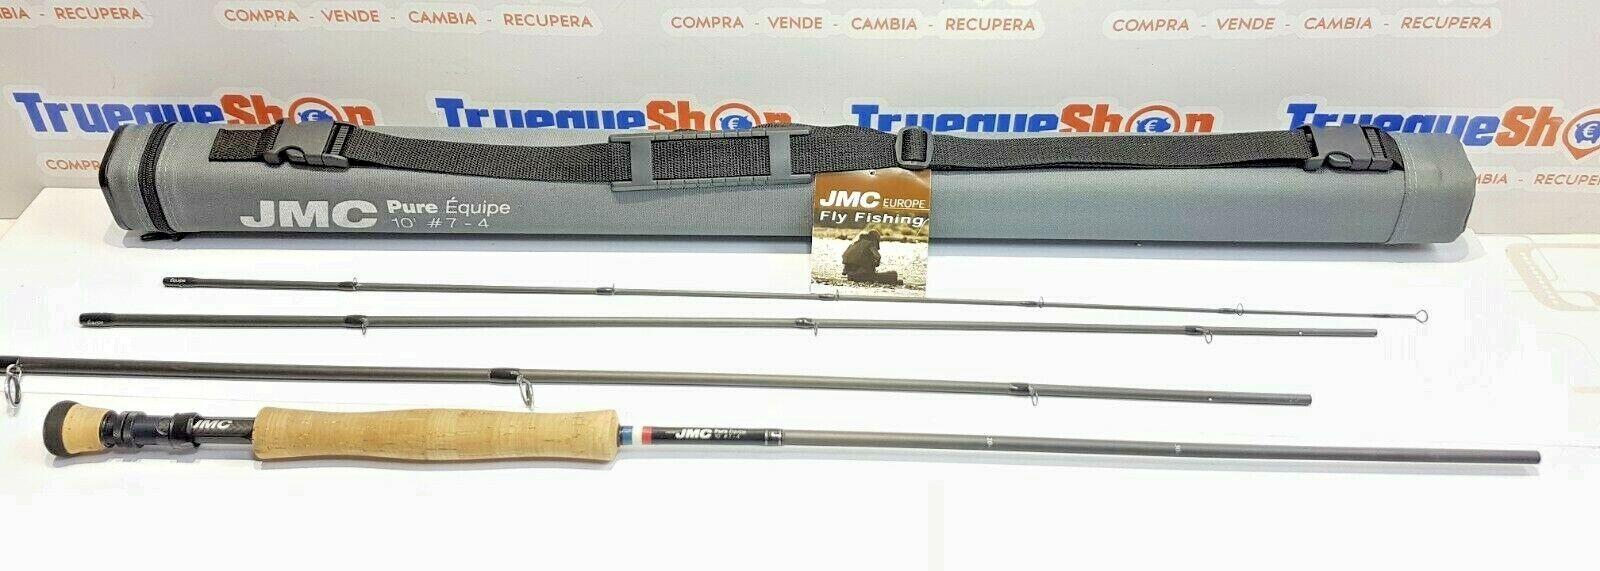 Caña mosca JMC PURE EQUIPE - 10' - #7 - 4